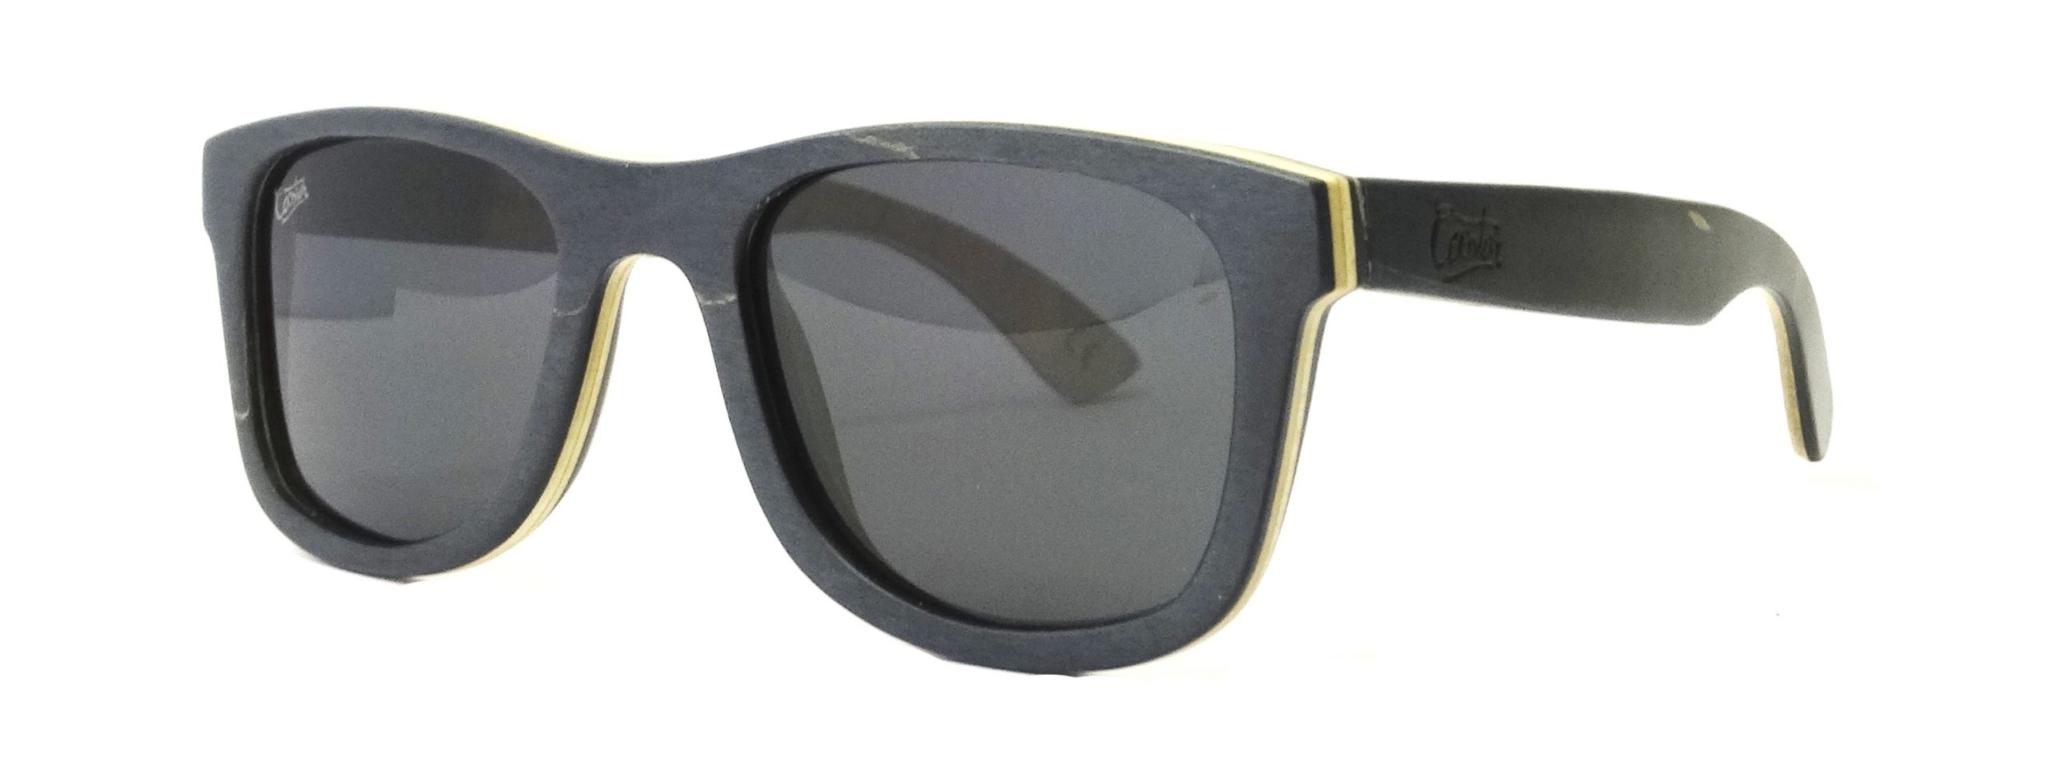 797a6458-176b-gafas-de-sol